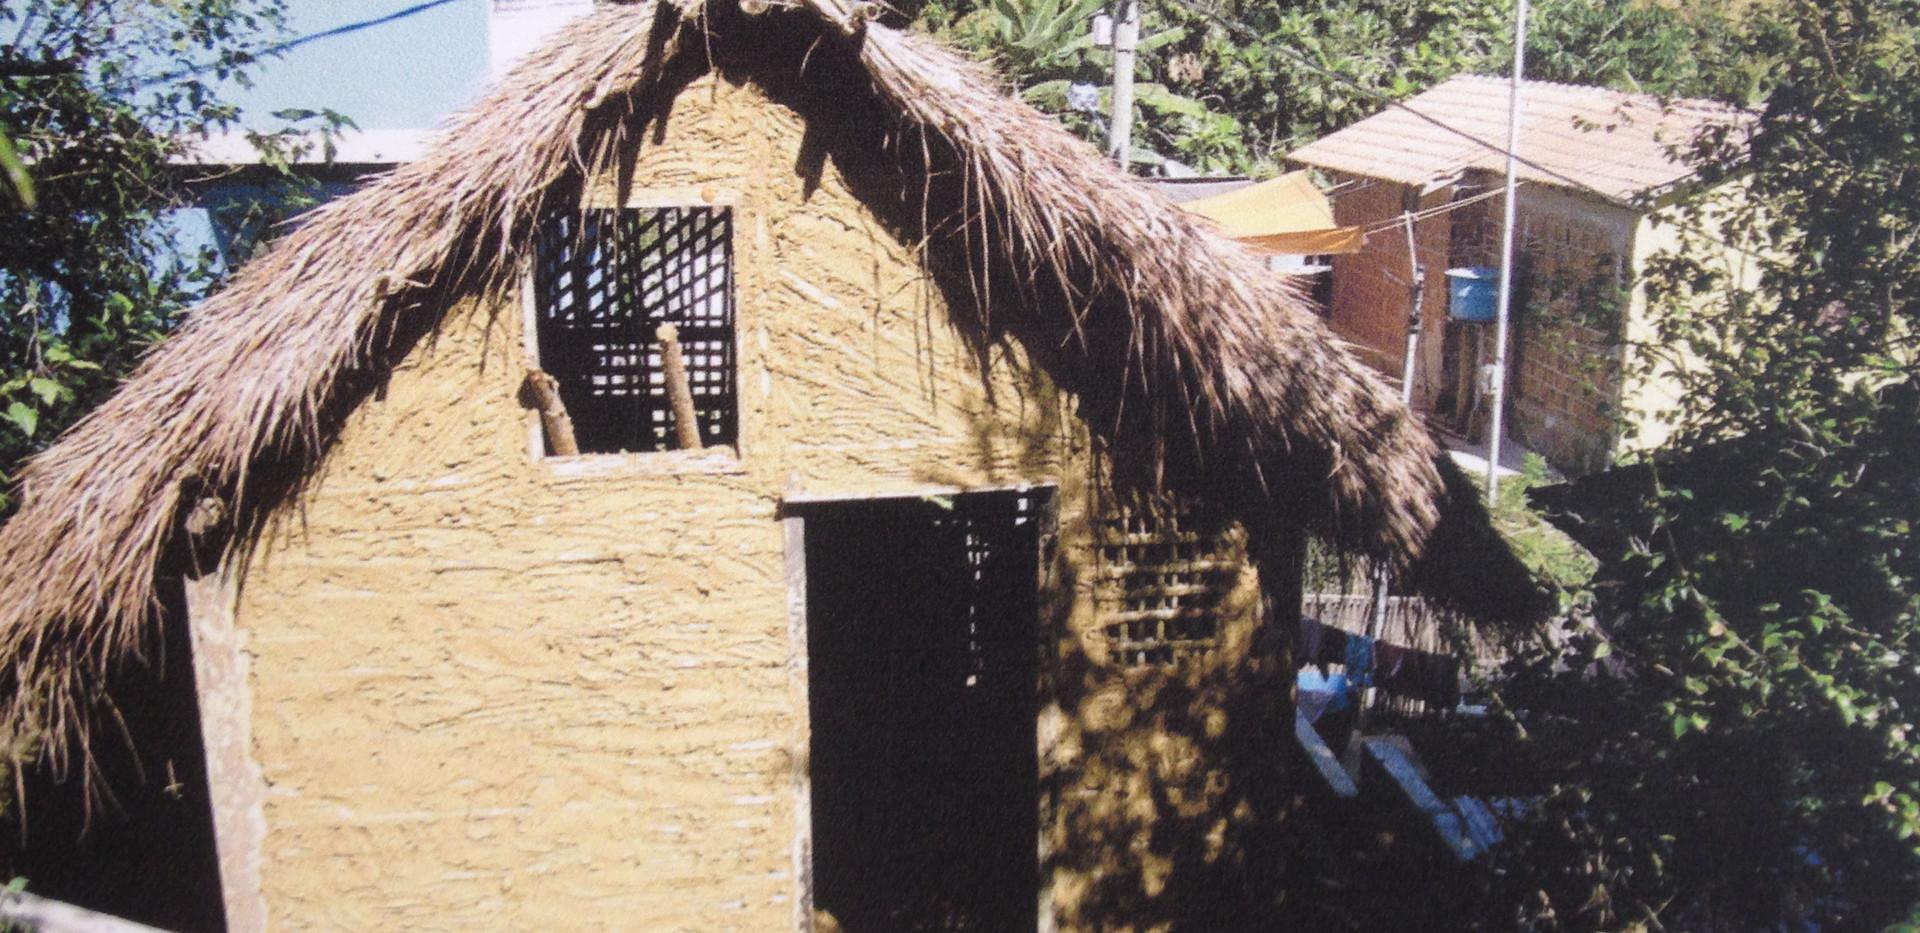 Cultures constructives en terre Brésil_17